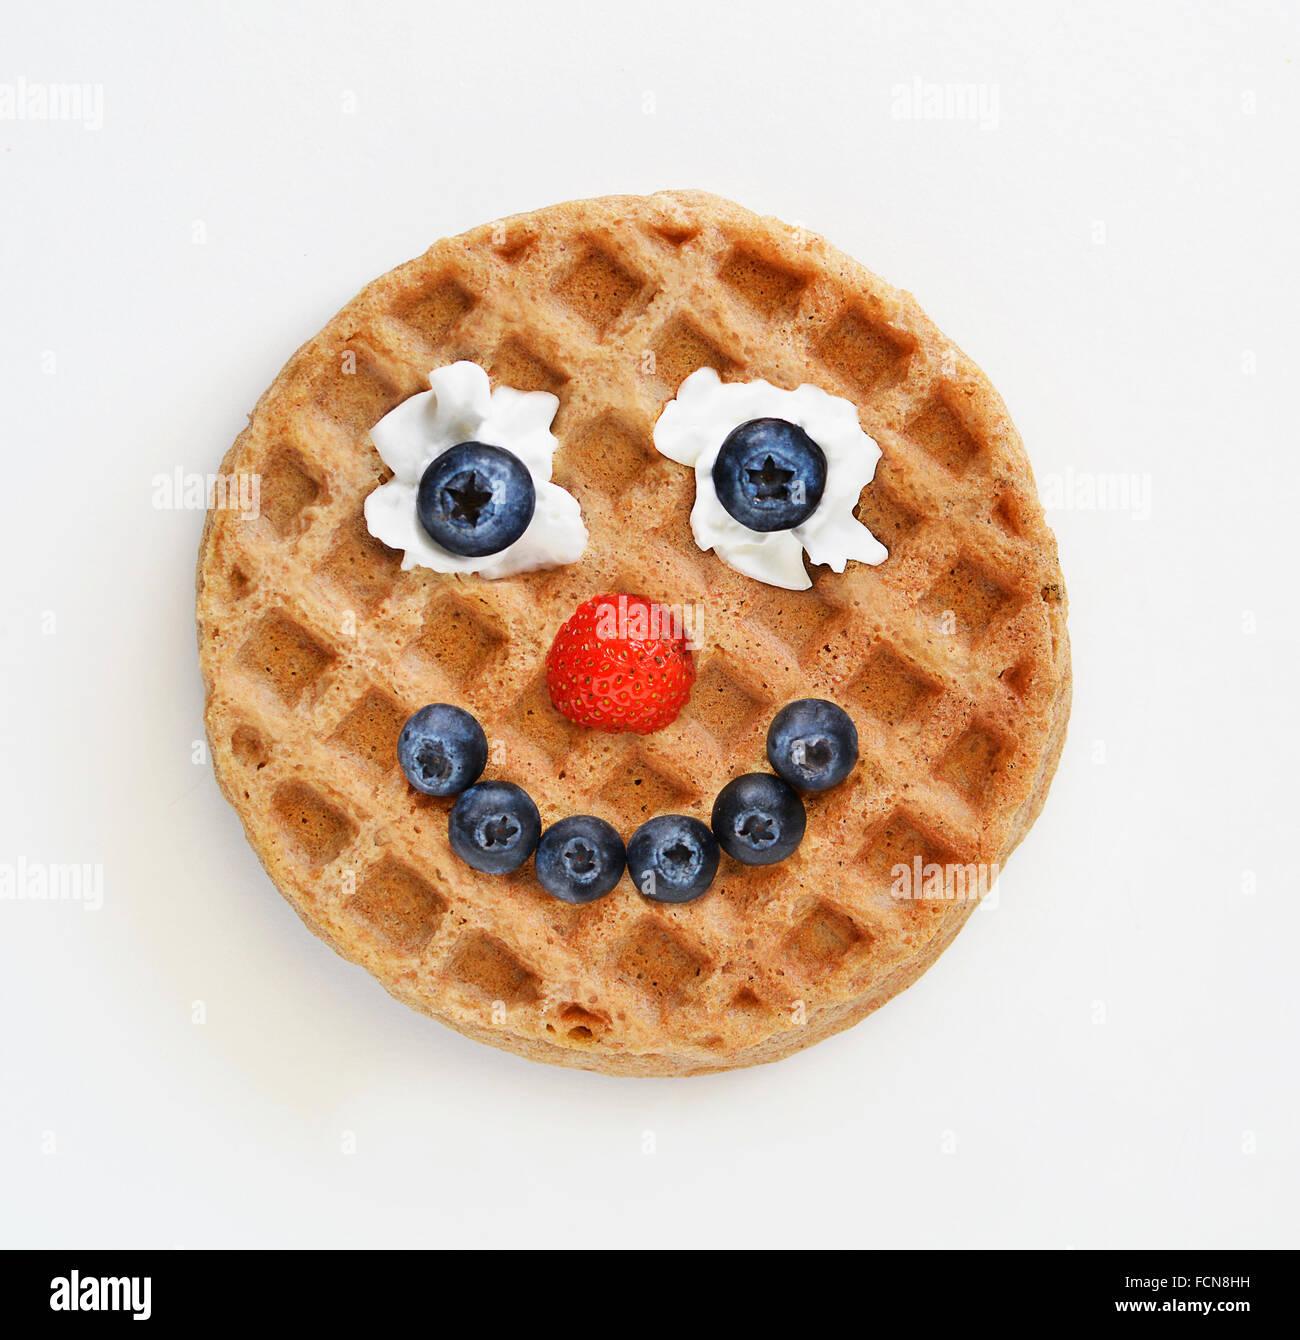 Waffel mit ein glückliches Gesicht gemacht aus frischen Früchten Stockbild